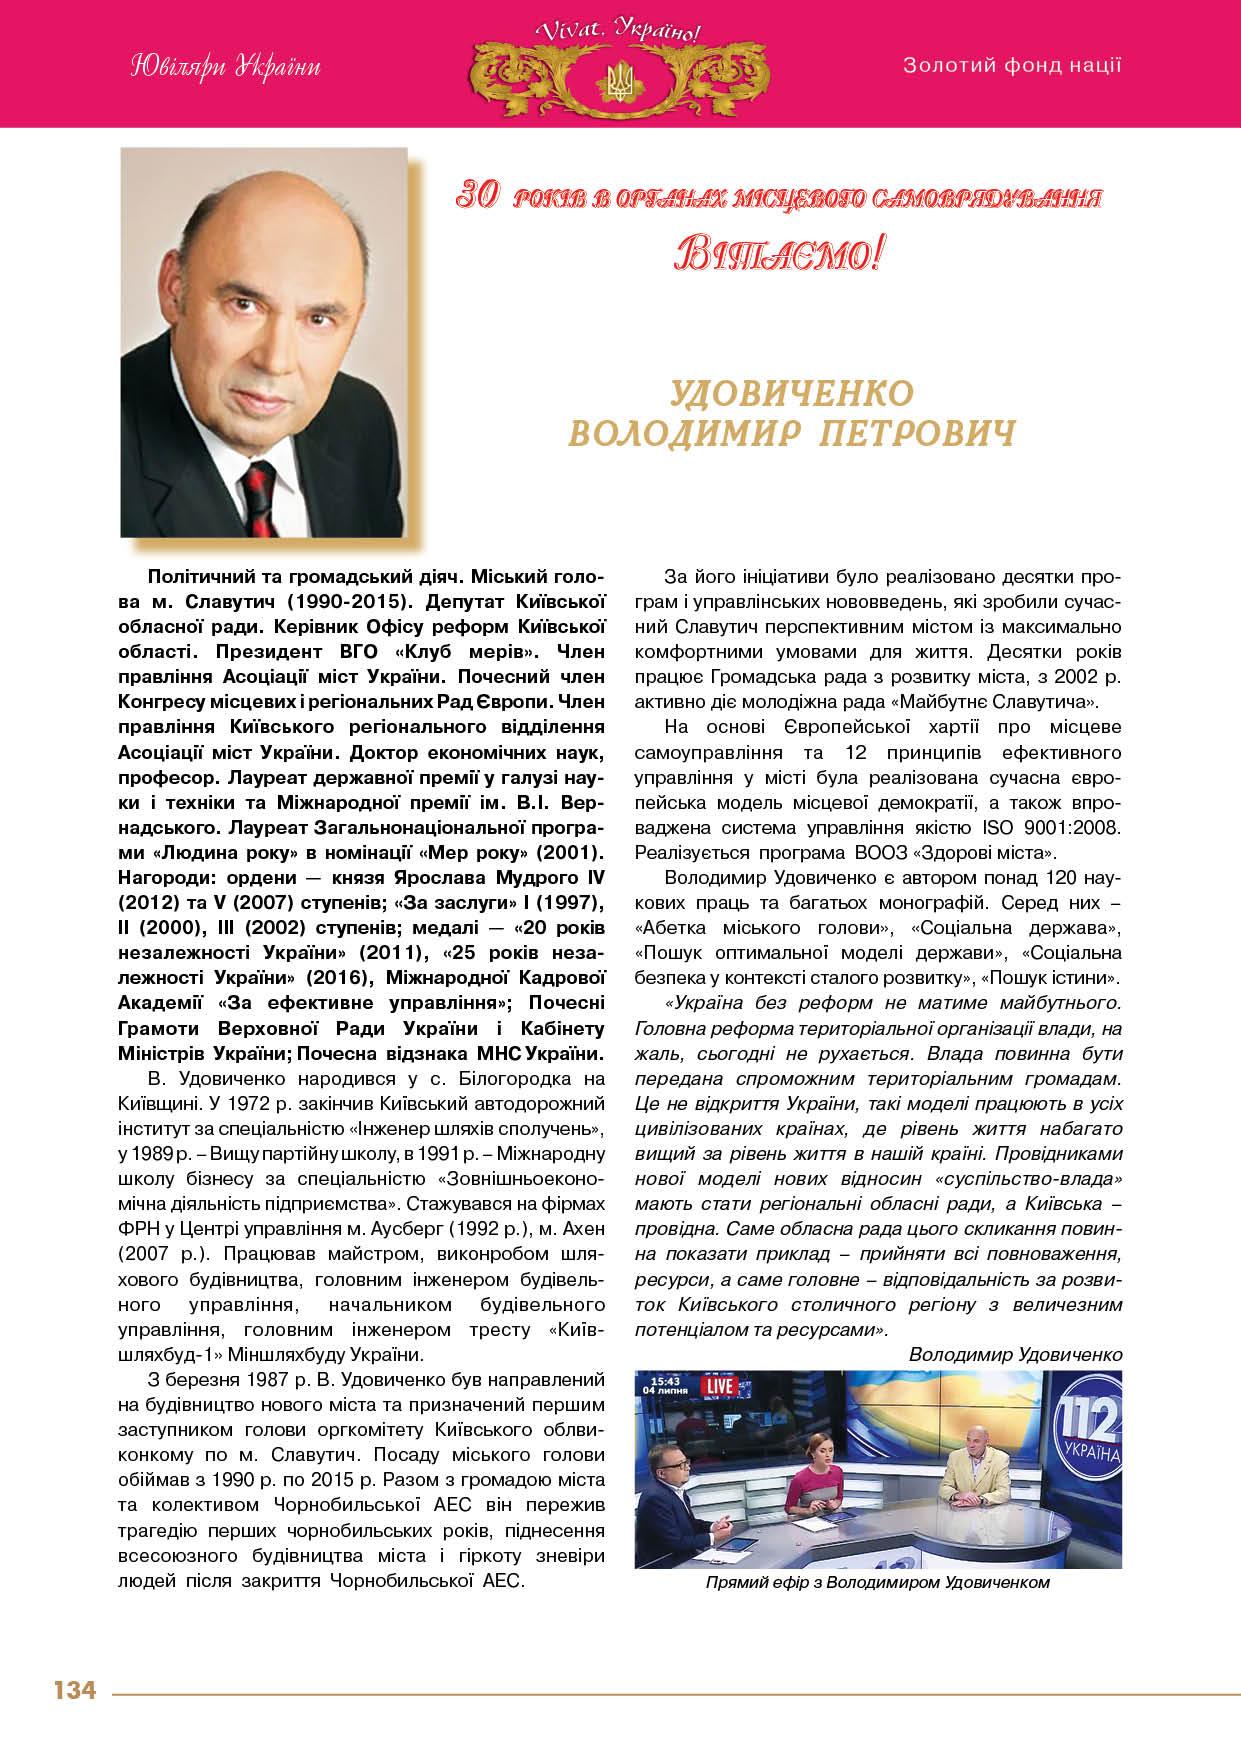 Удовиченко Володимир Петрович